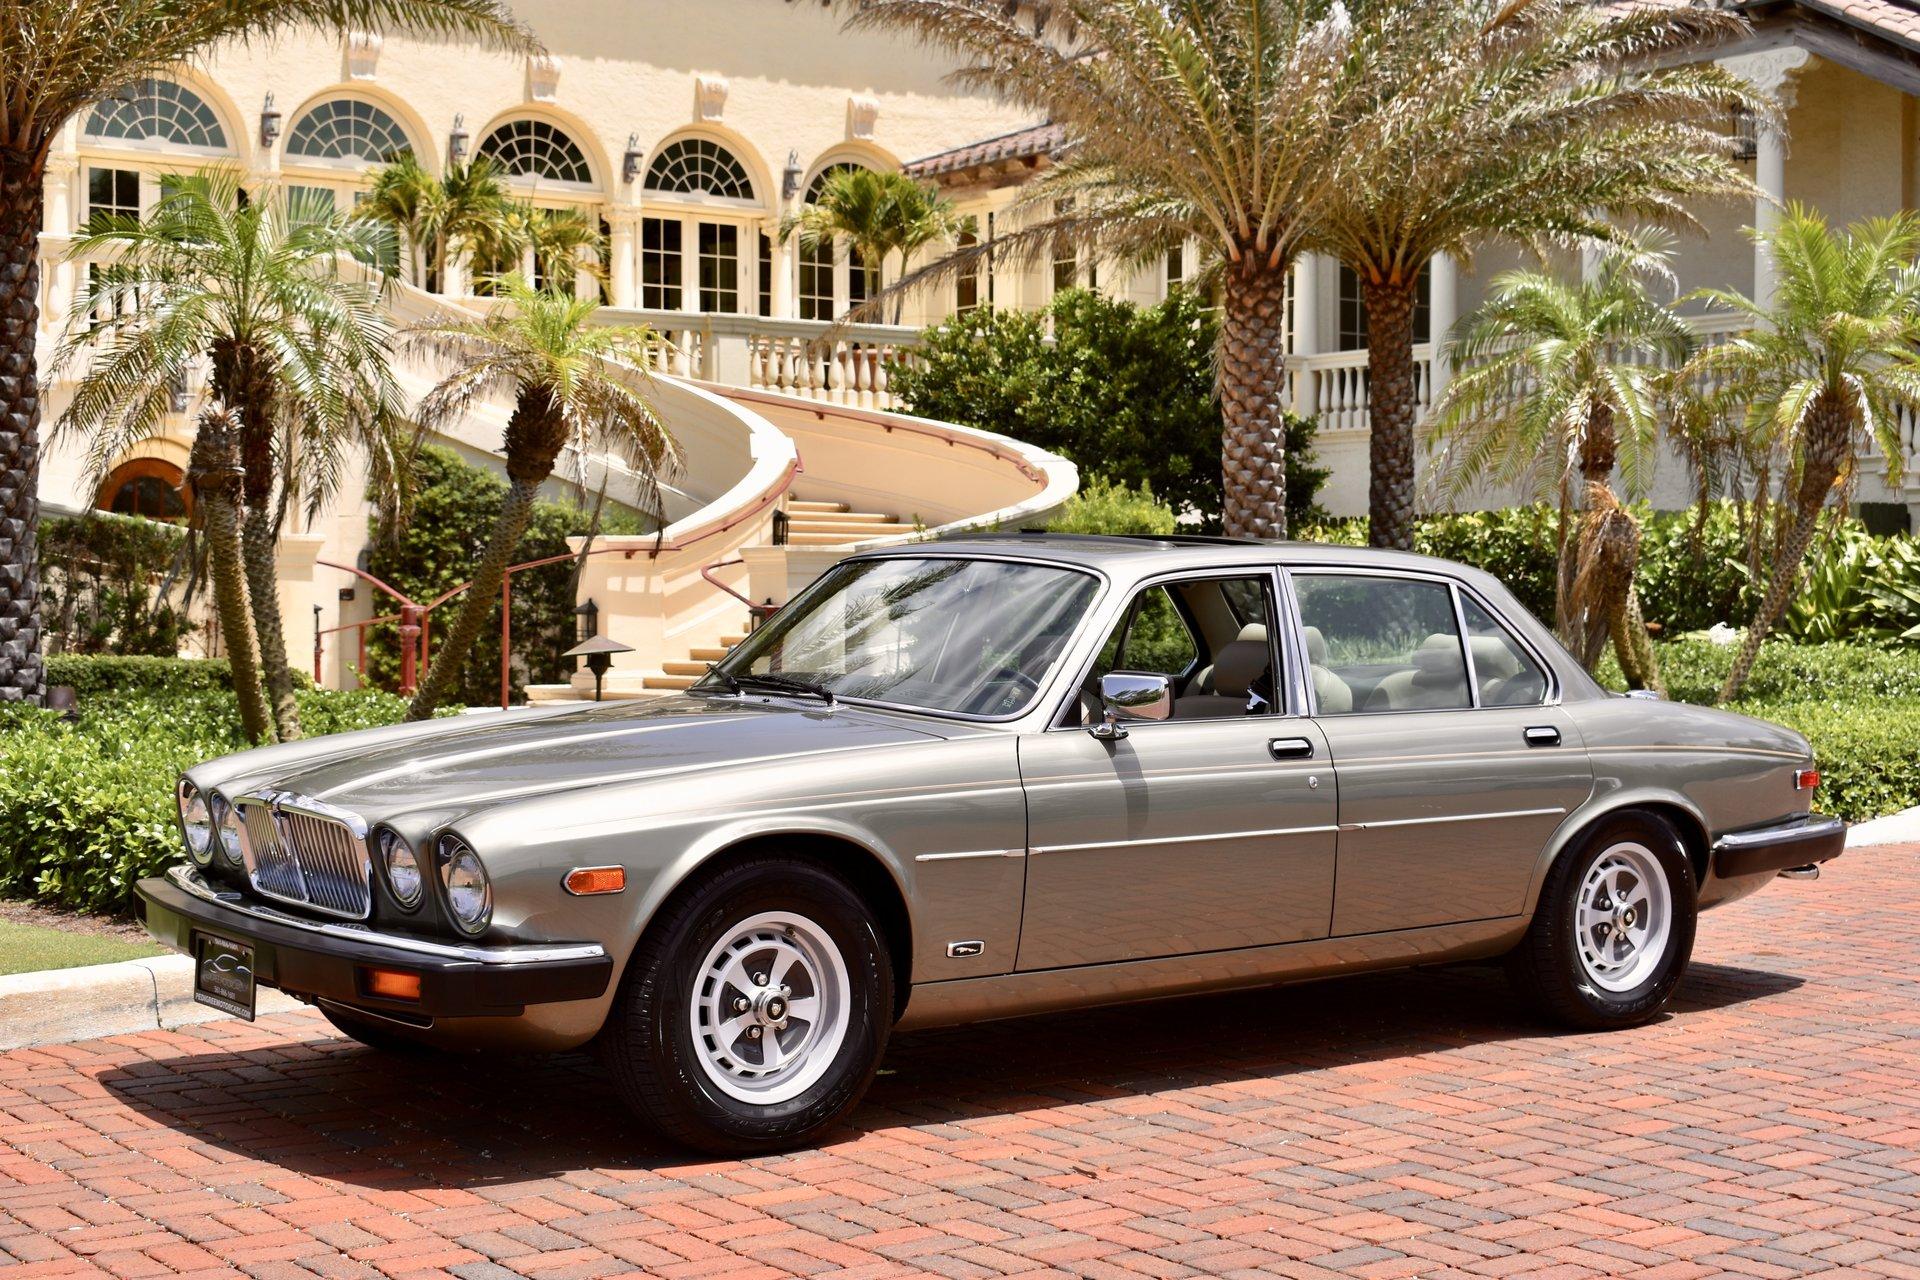 35094c8c0795 hd 1987 jaguar xj6 vanden plas